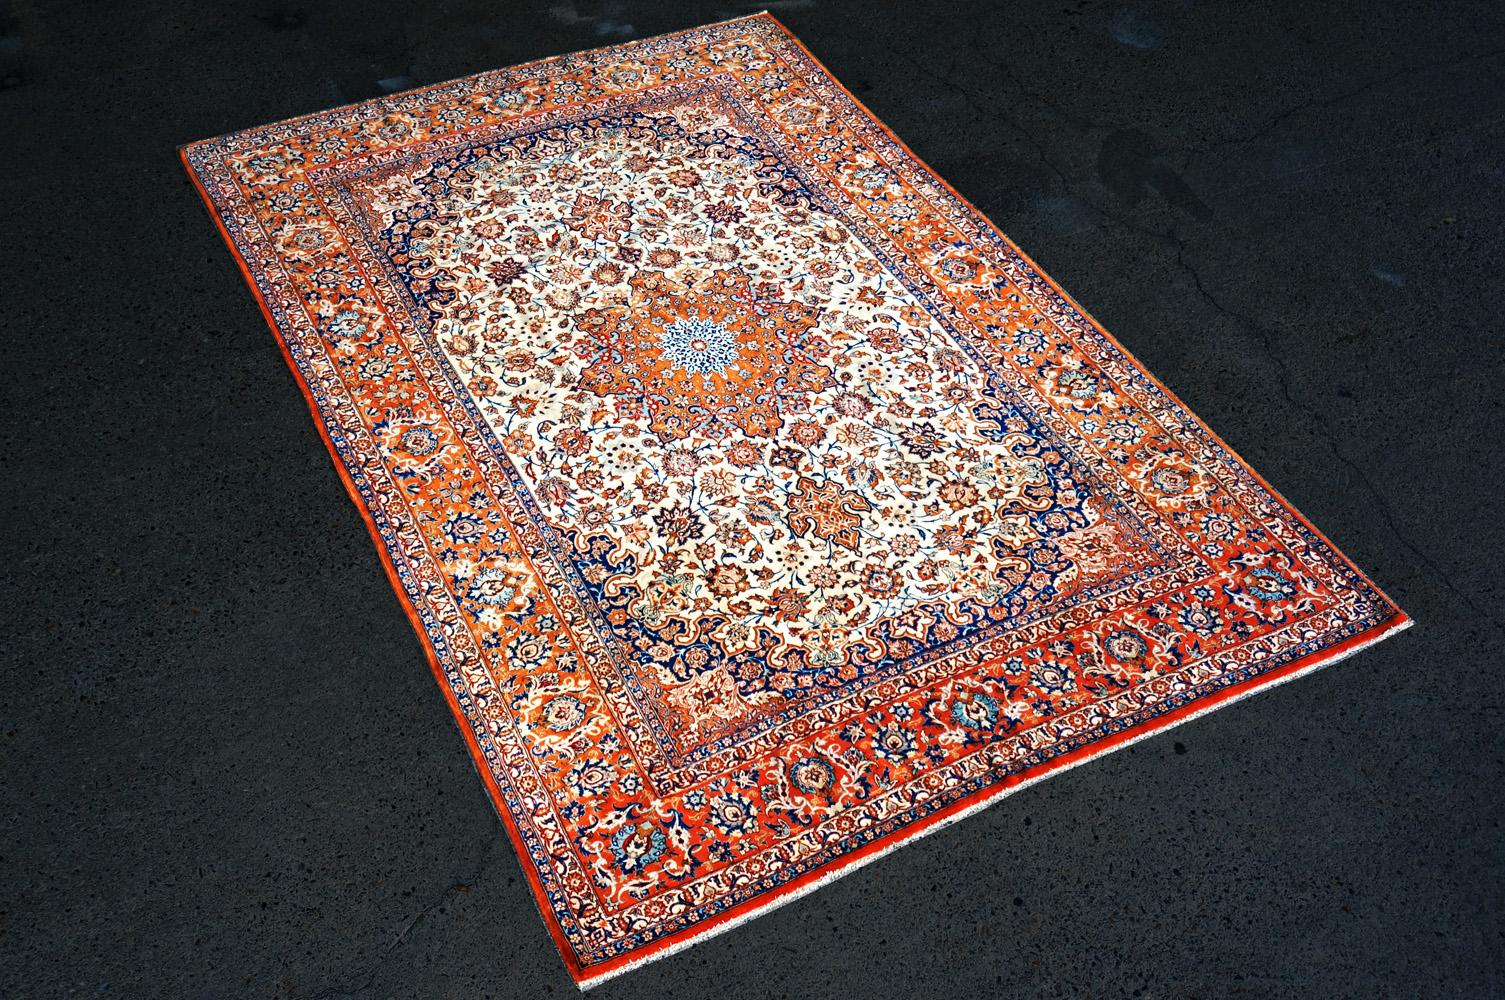 ペルシャ製 c1920 イスファハン 絨毯 横から